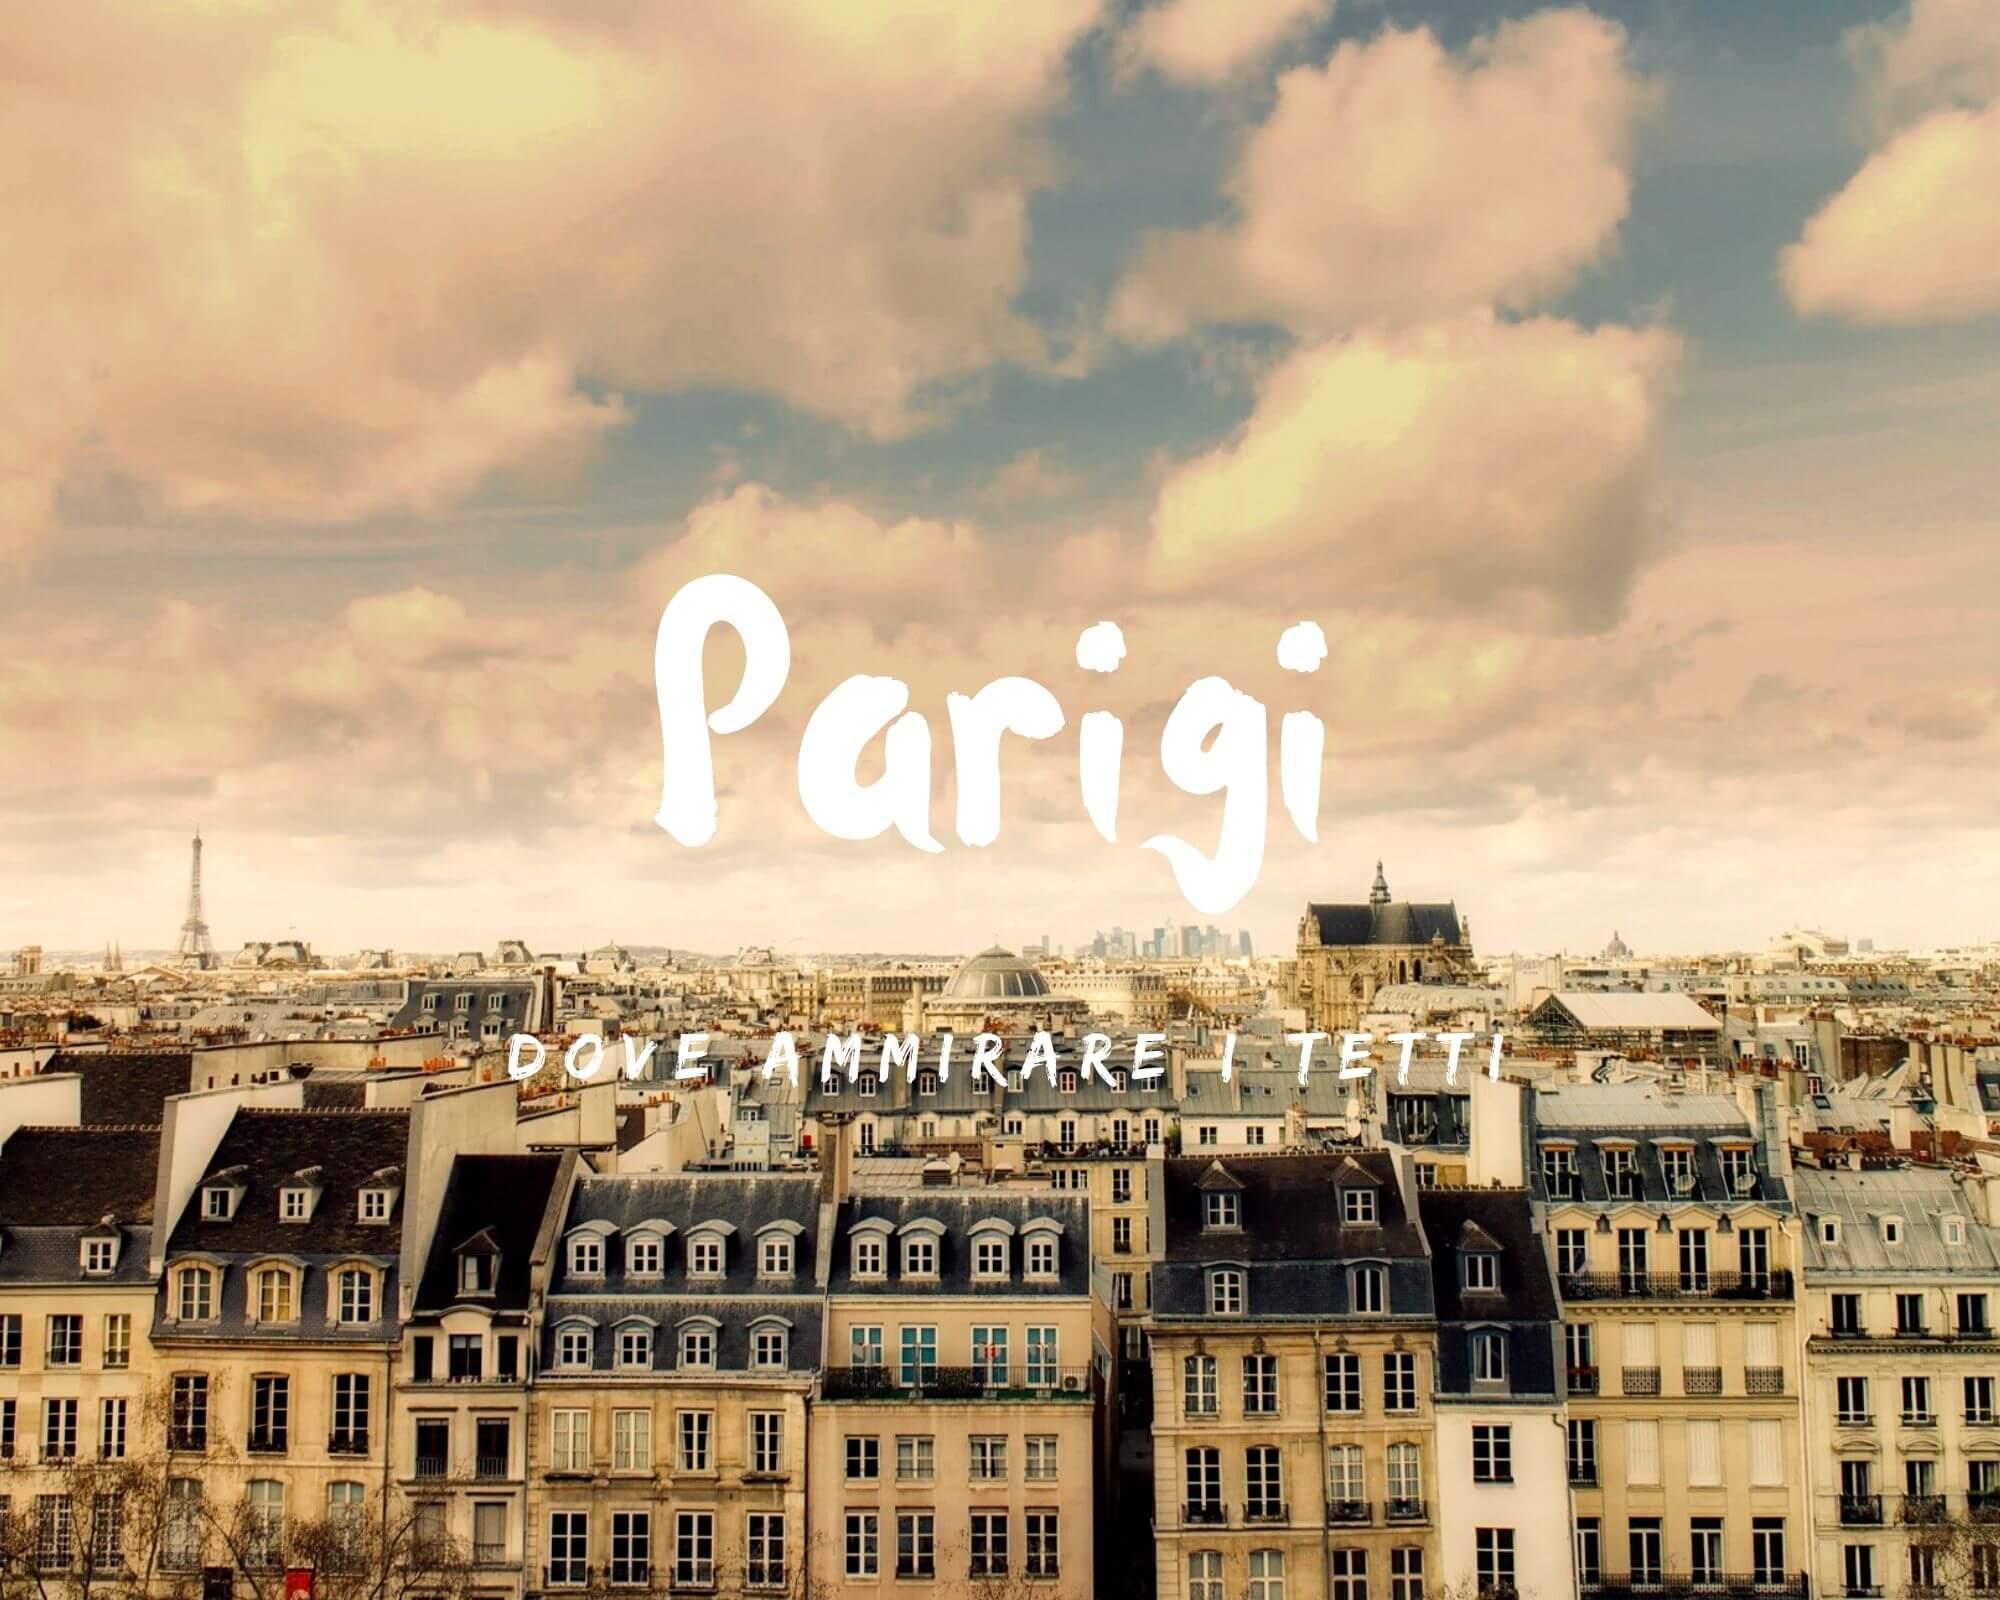 dove ammirare i tetti di Parigi